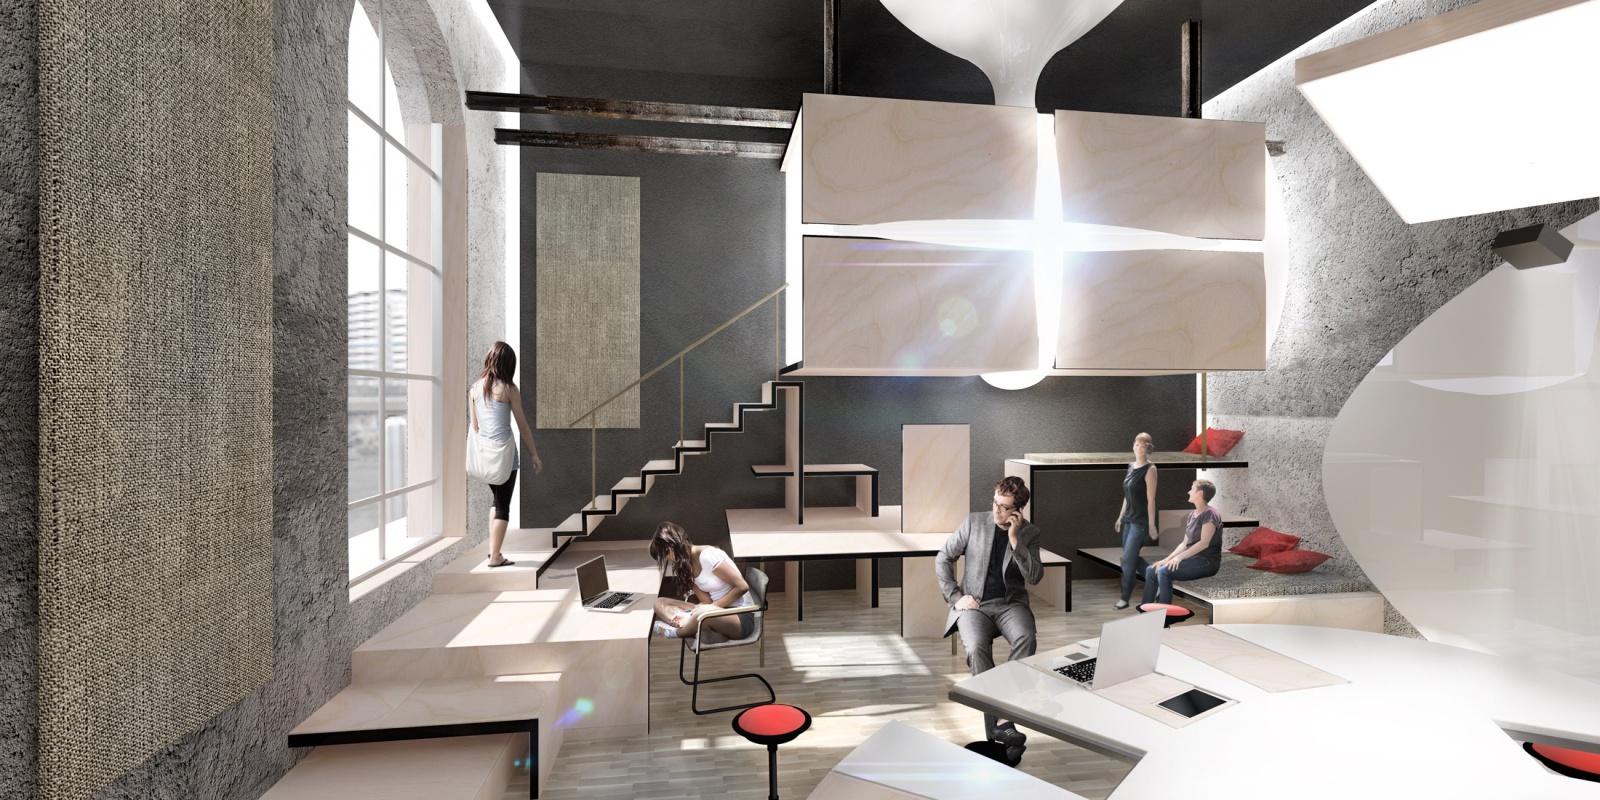 Thema hochschule ostwestfalen lippe detmold seite 2 von for Masterarbeit innenarchitektur